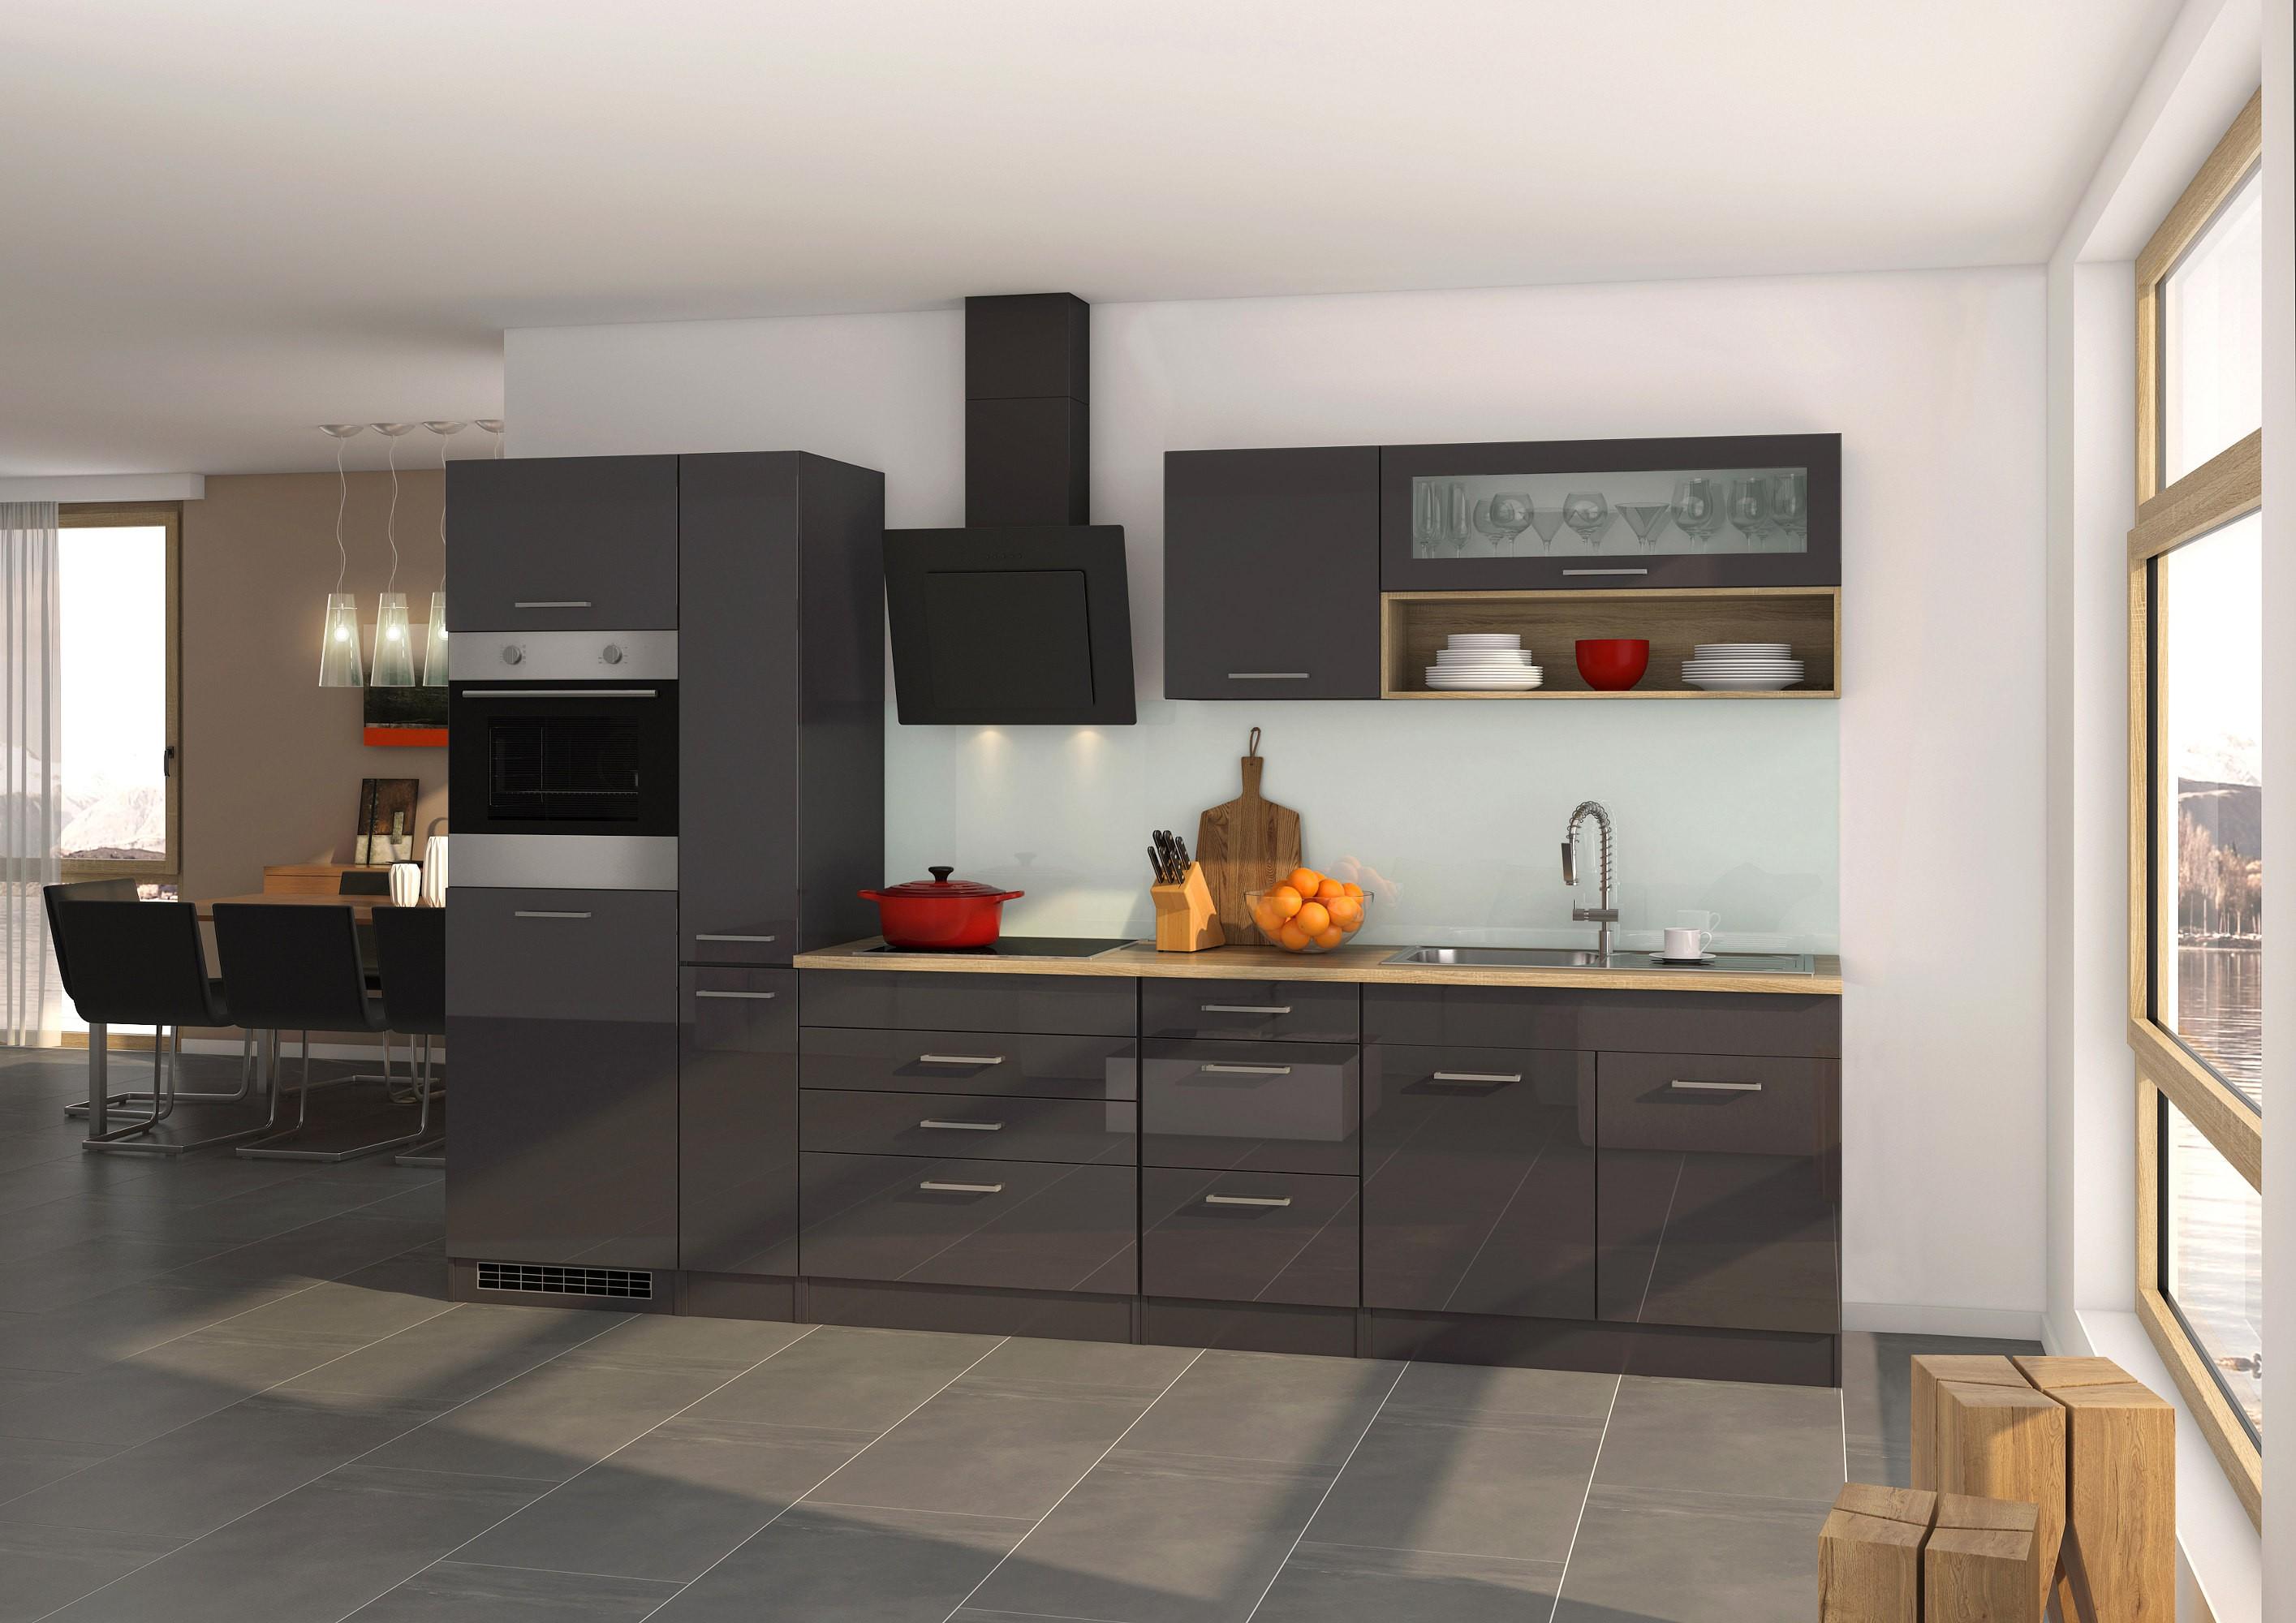 k chen apothekerschrank m nchen 2 front ausz ge hochglanz grau graphit k che m nchen. Black Bedroom Furniture Sets. Home Design Ideas